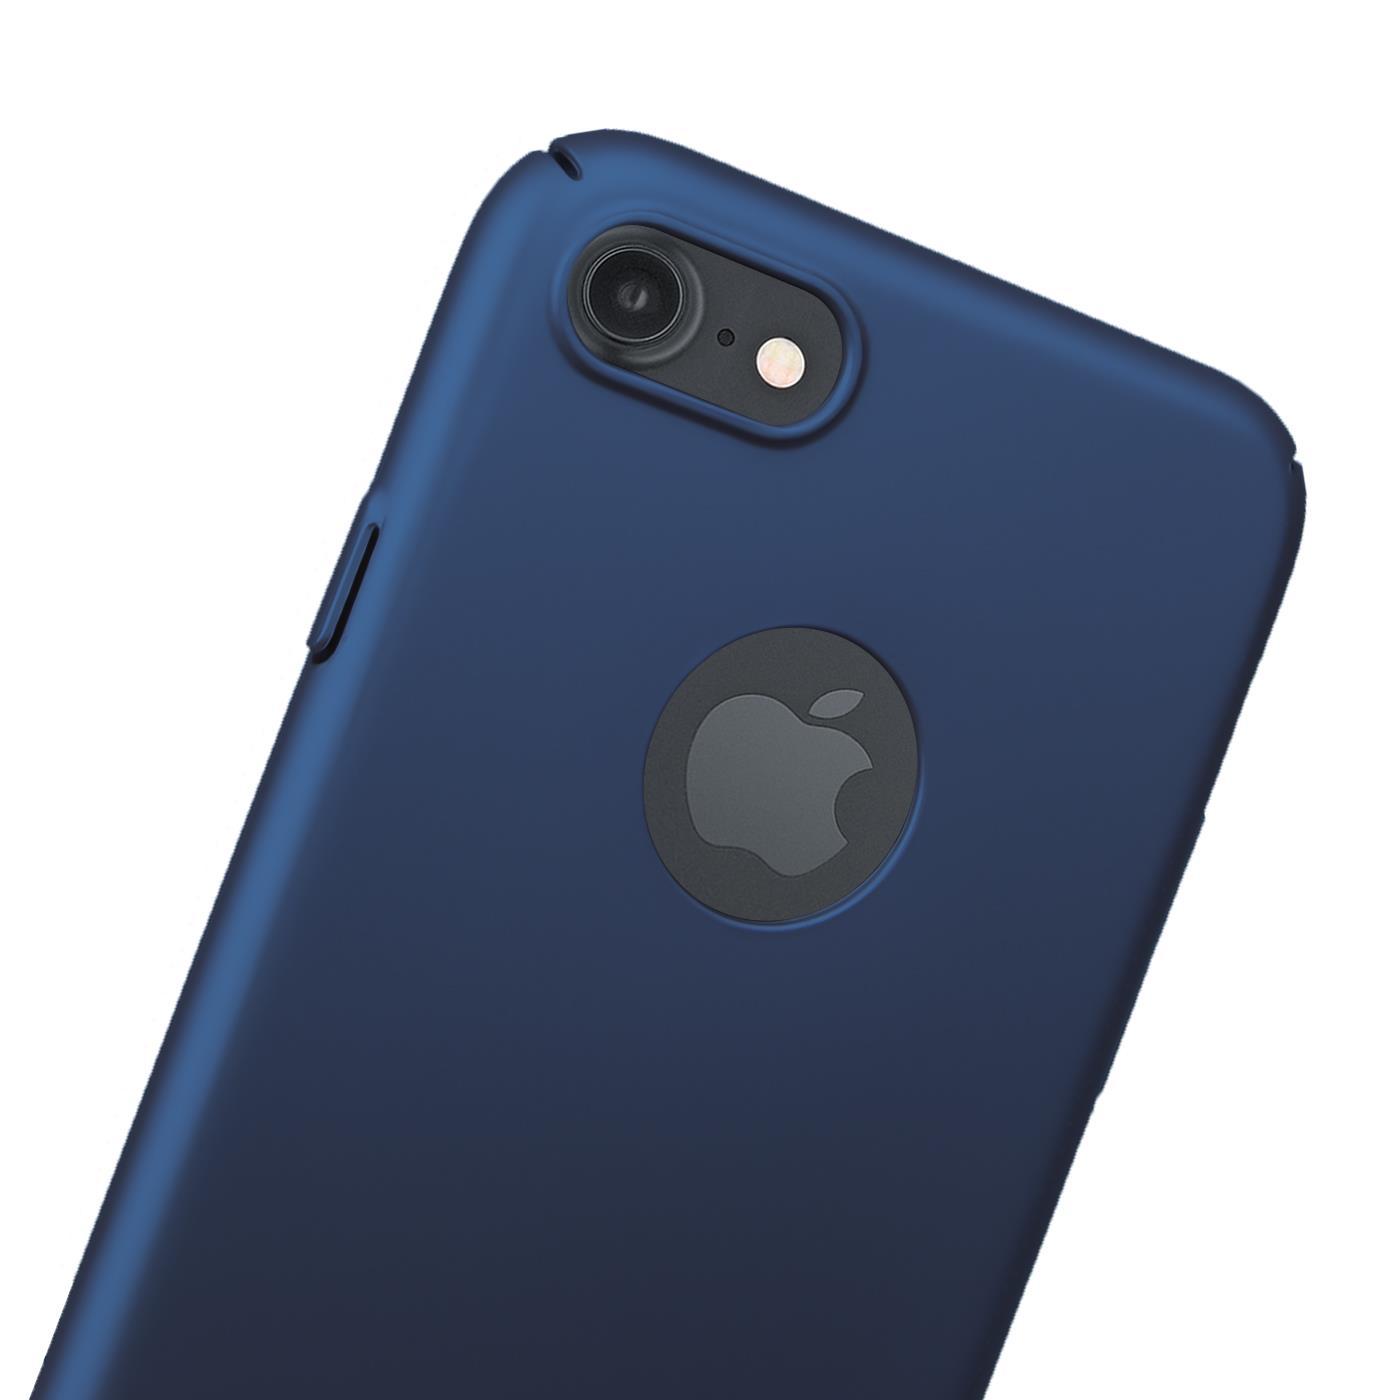 Slim-Cover-Schutzhuelle-Apple-iPhone-Handy-Schutz-Tasche-Huelle-Glas-Panzer-Folie Indexbild 17